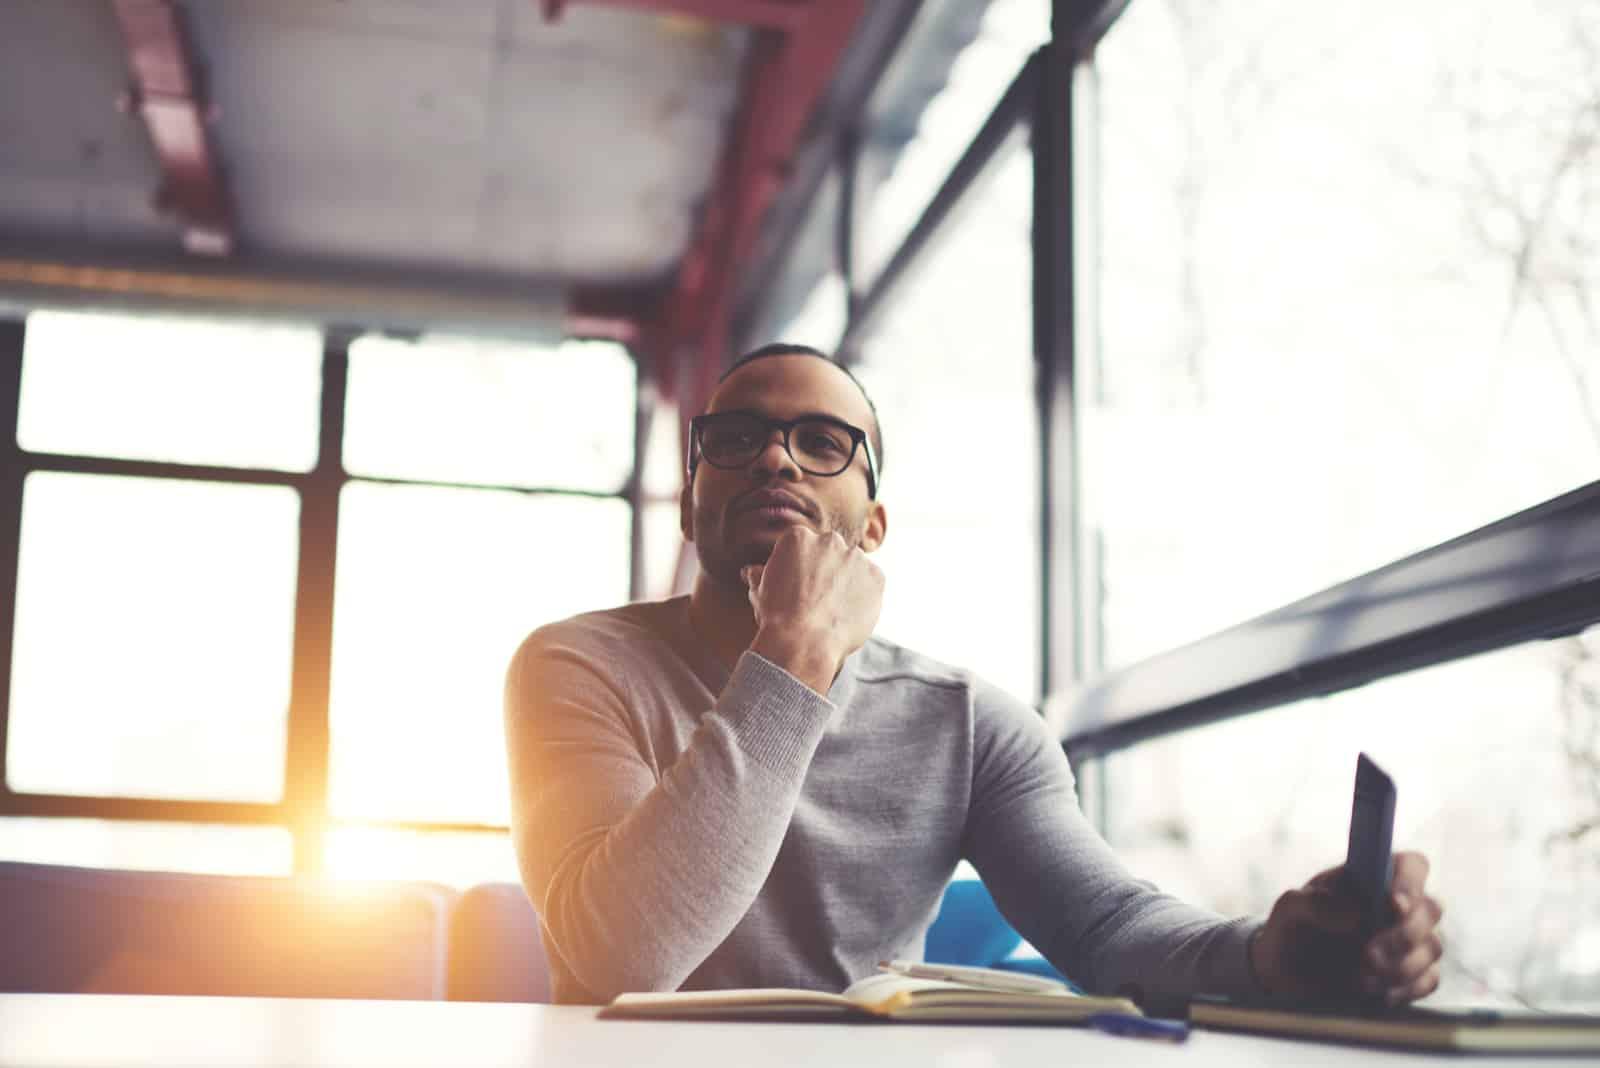 un homme imaginaire est assis à une table et tient un téléphone à la main